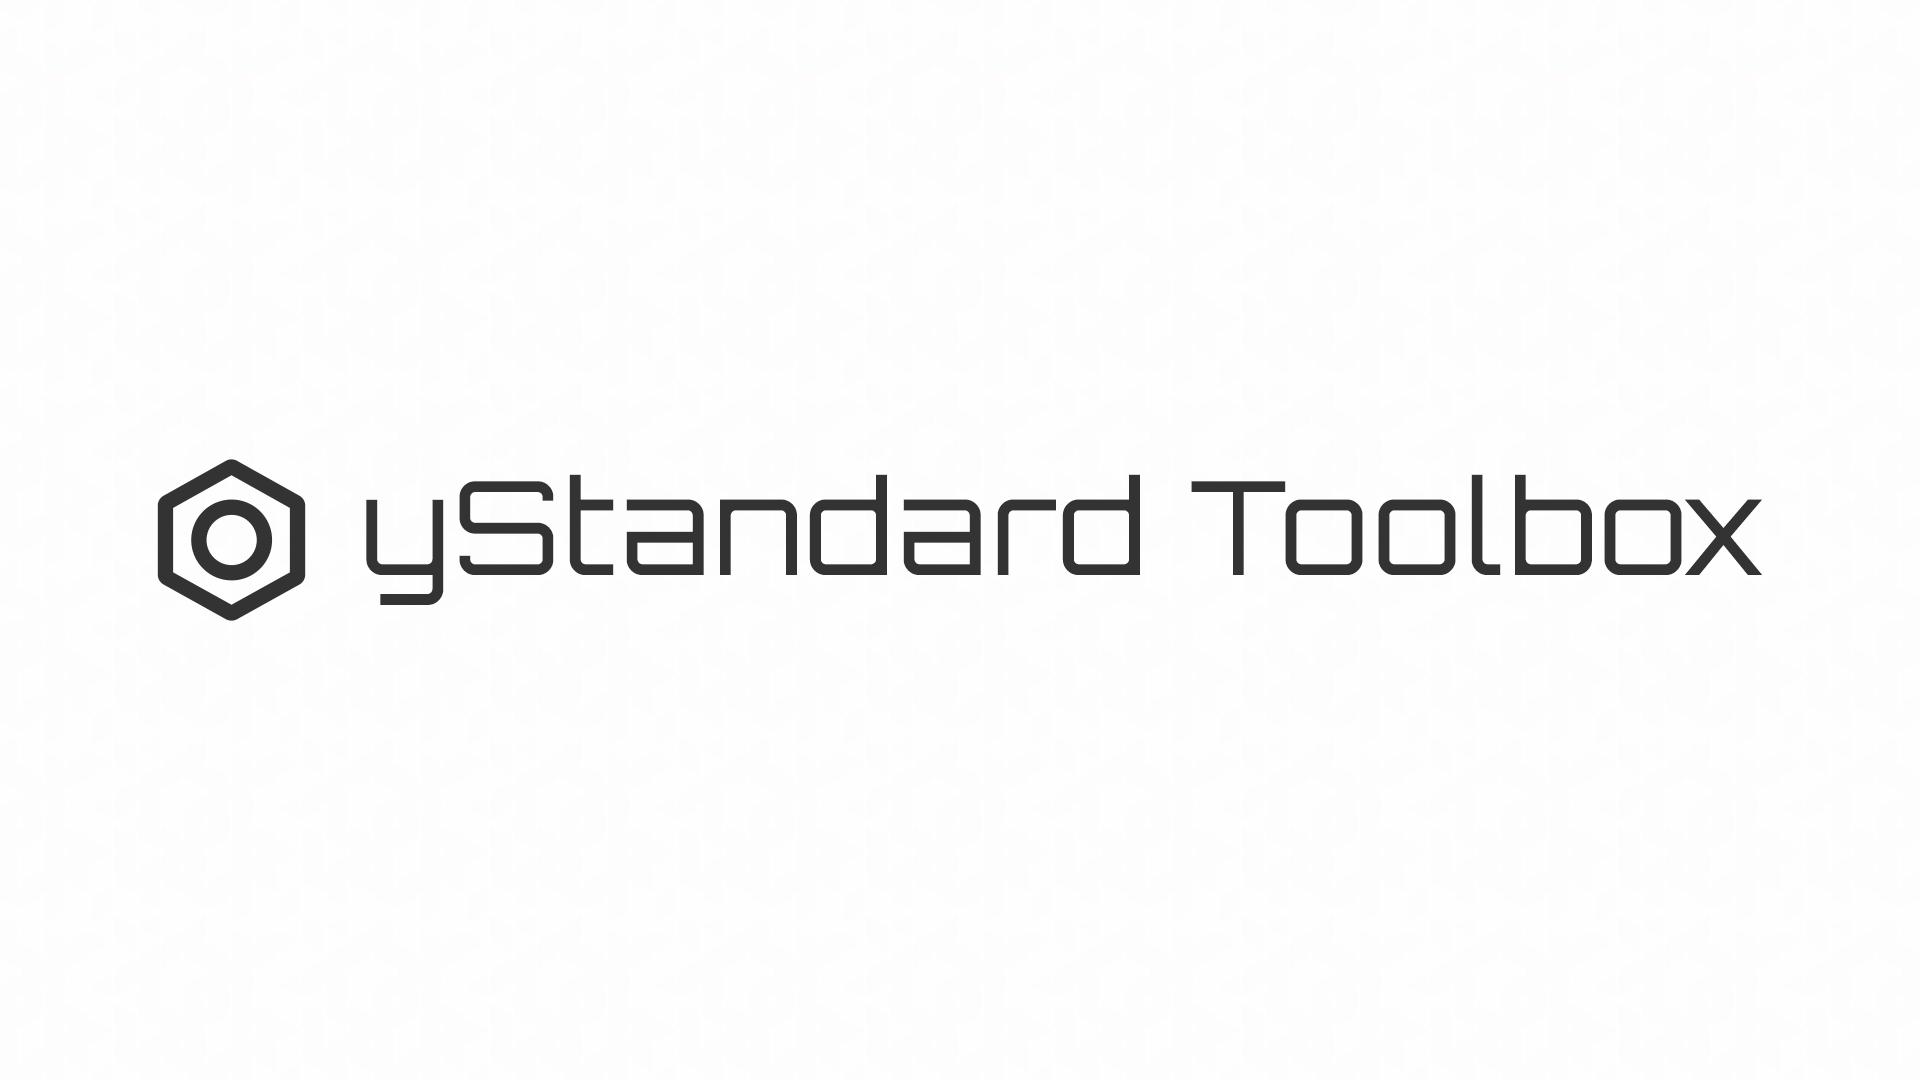 【Toolbox v1.2.0】ブログ向け機能!投稿一覧ページのデフォルト画像・画像サイズ・レイアウトを変更できる機能を追加しました